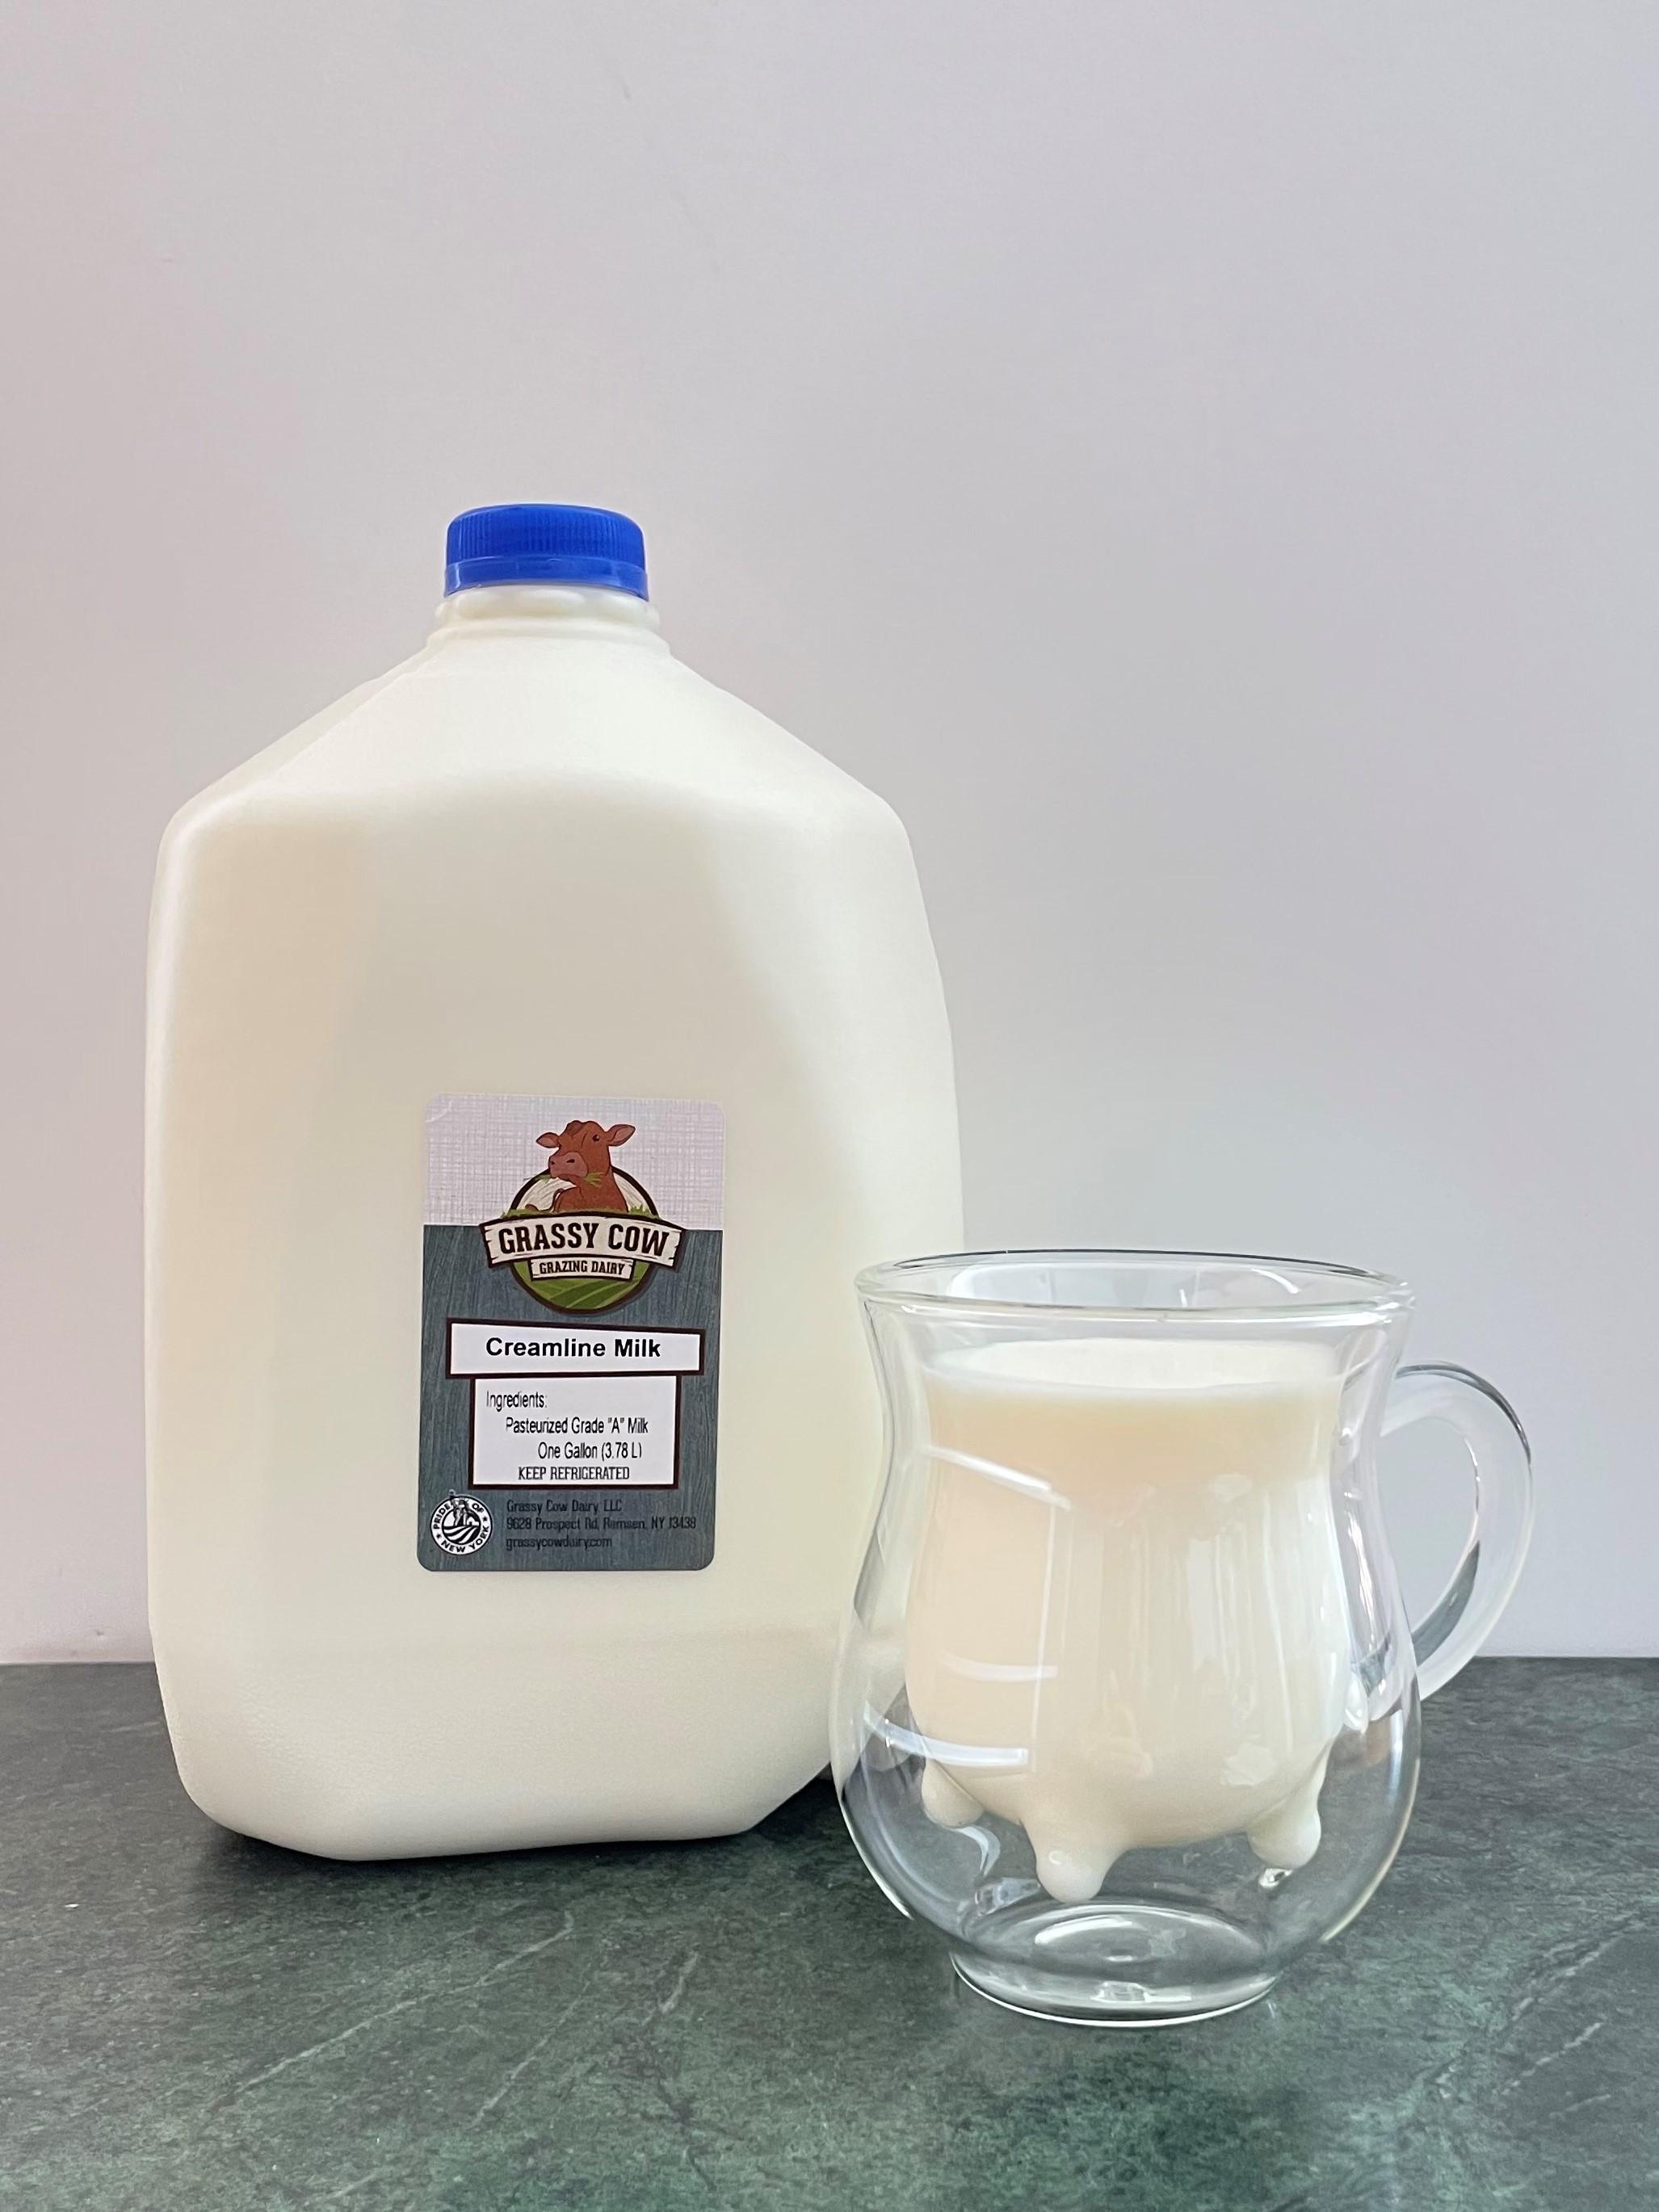 Creamline Milk